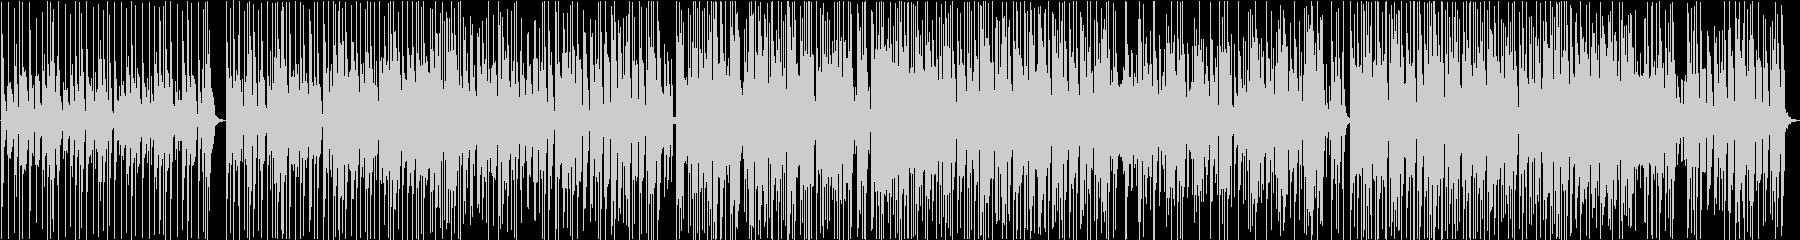 オシャレなジャズファンク風インストの未再生の波形